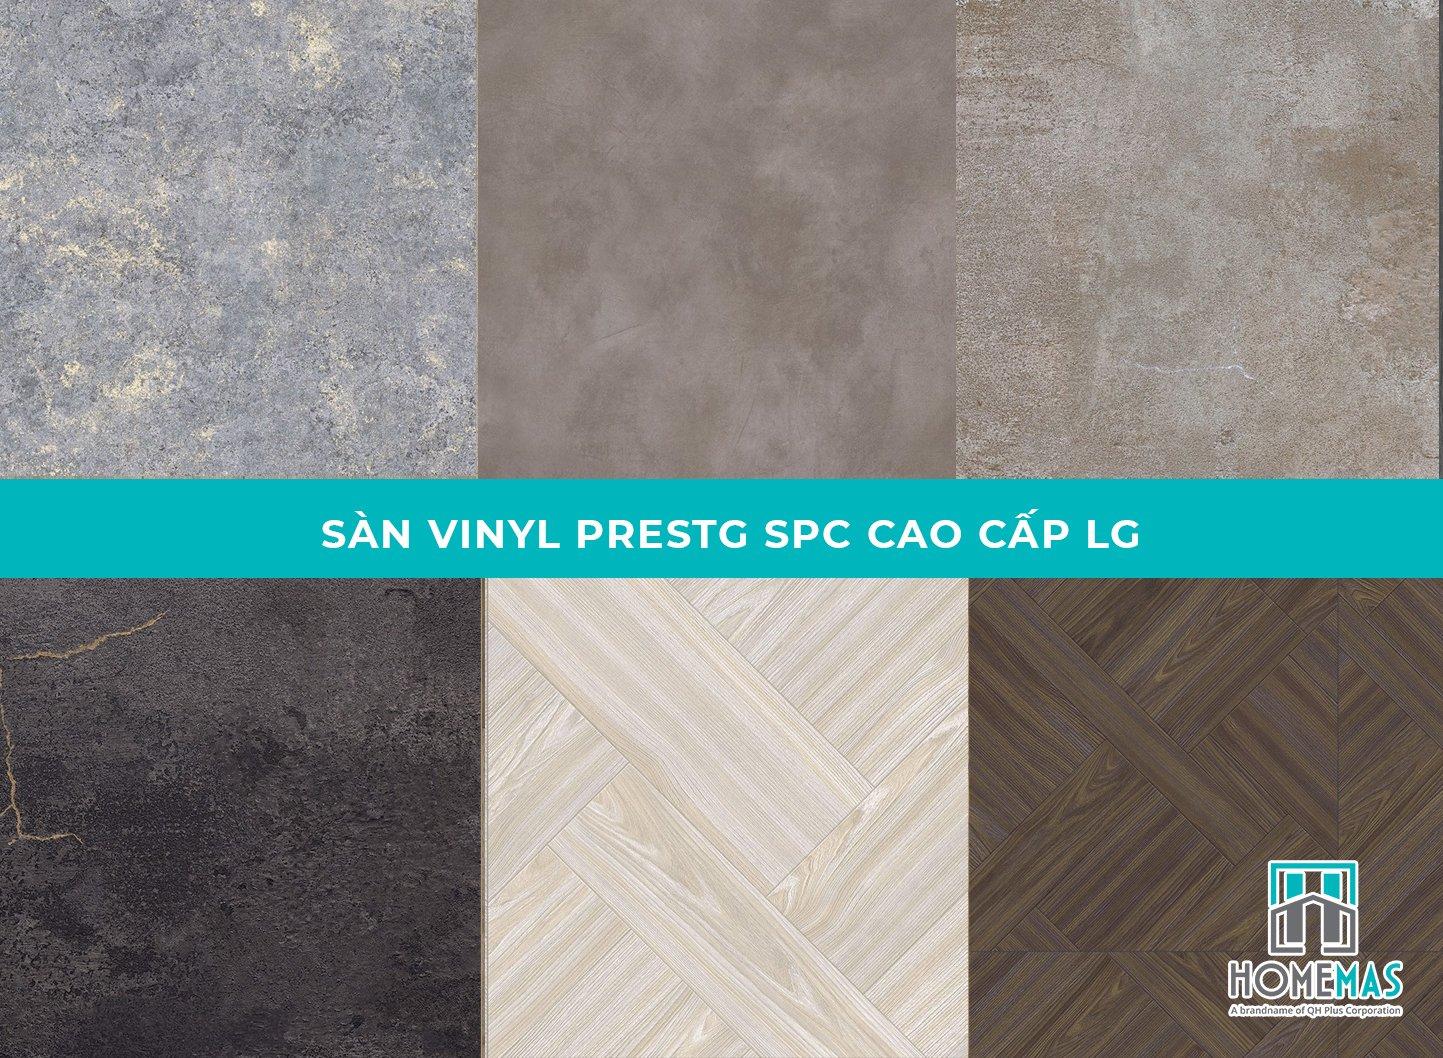 Sàn nhựa hèm khóa SPC là gì, báo giá sàn vinyl SPC